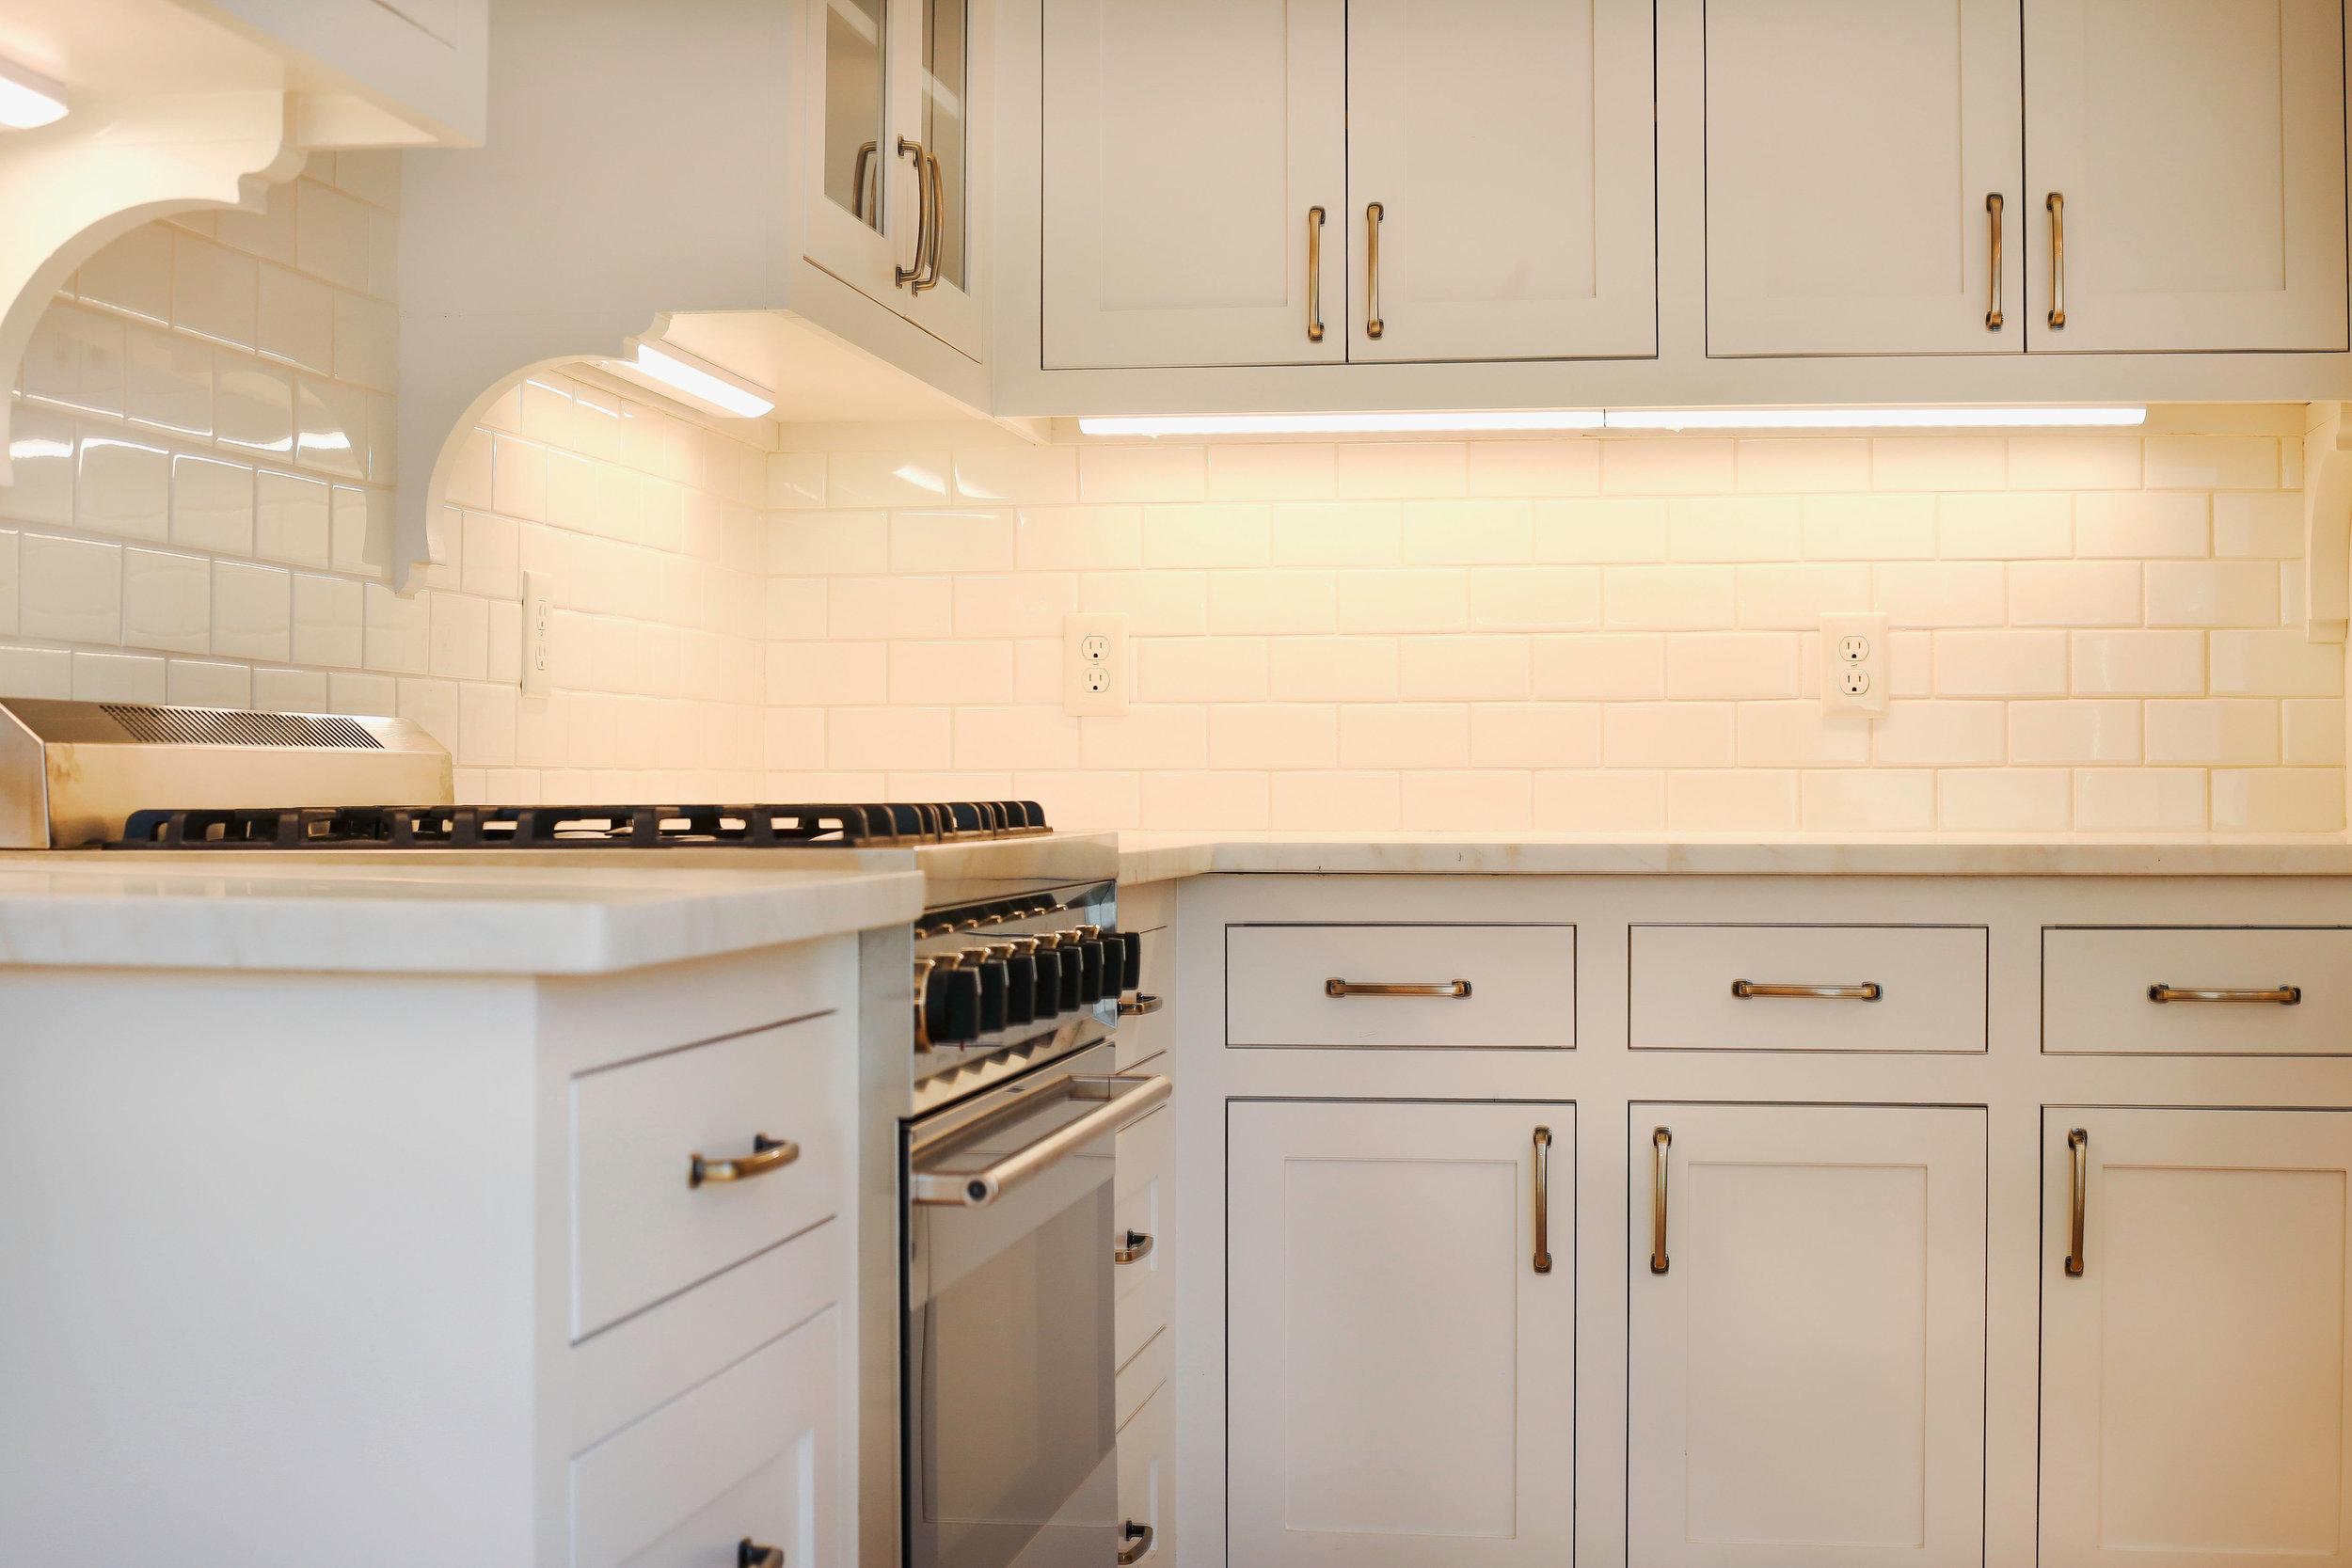 Shealy kitchen backsplash CL.JPG